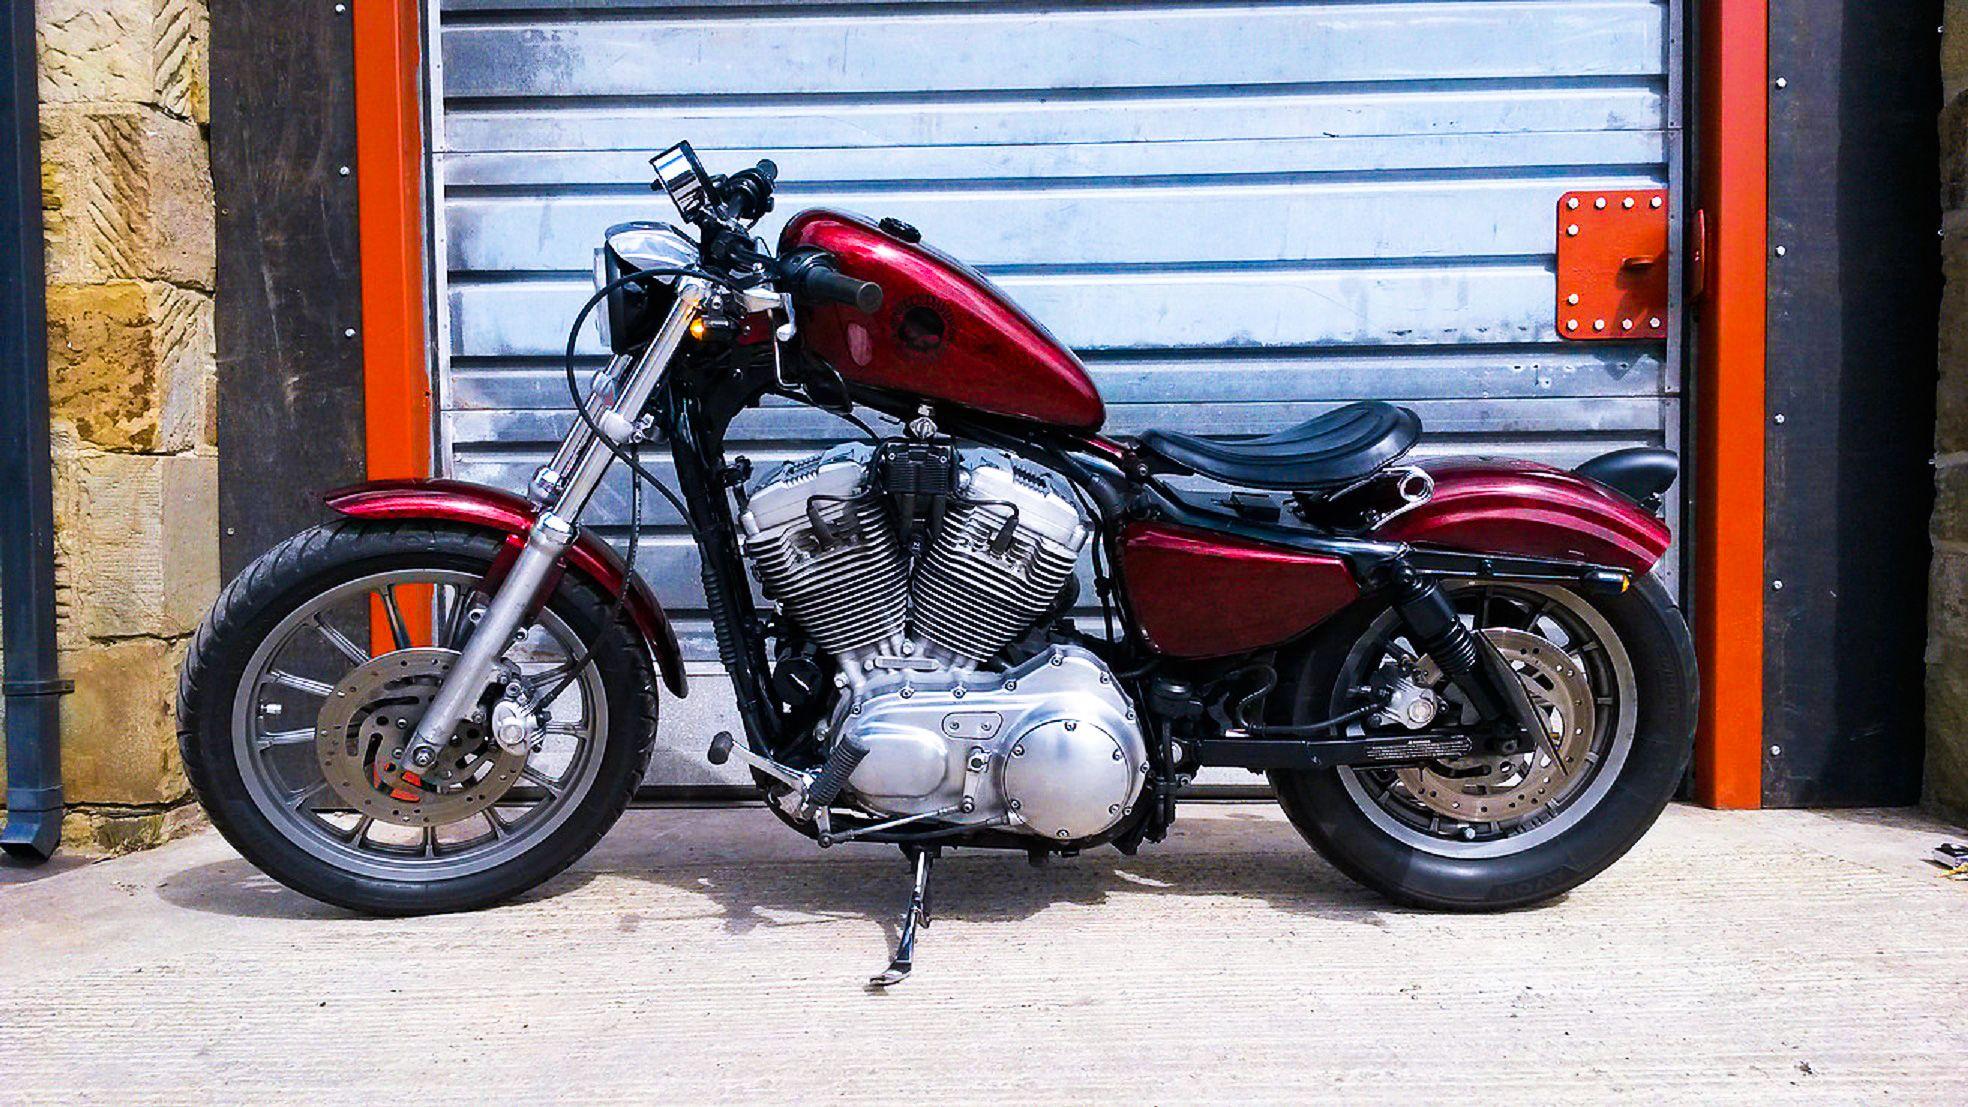 2004 harley-davidson sportster 883/1200 custom bobber. http